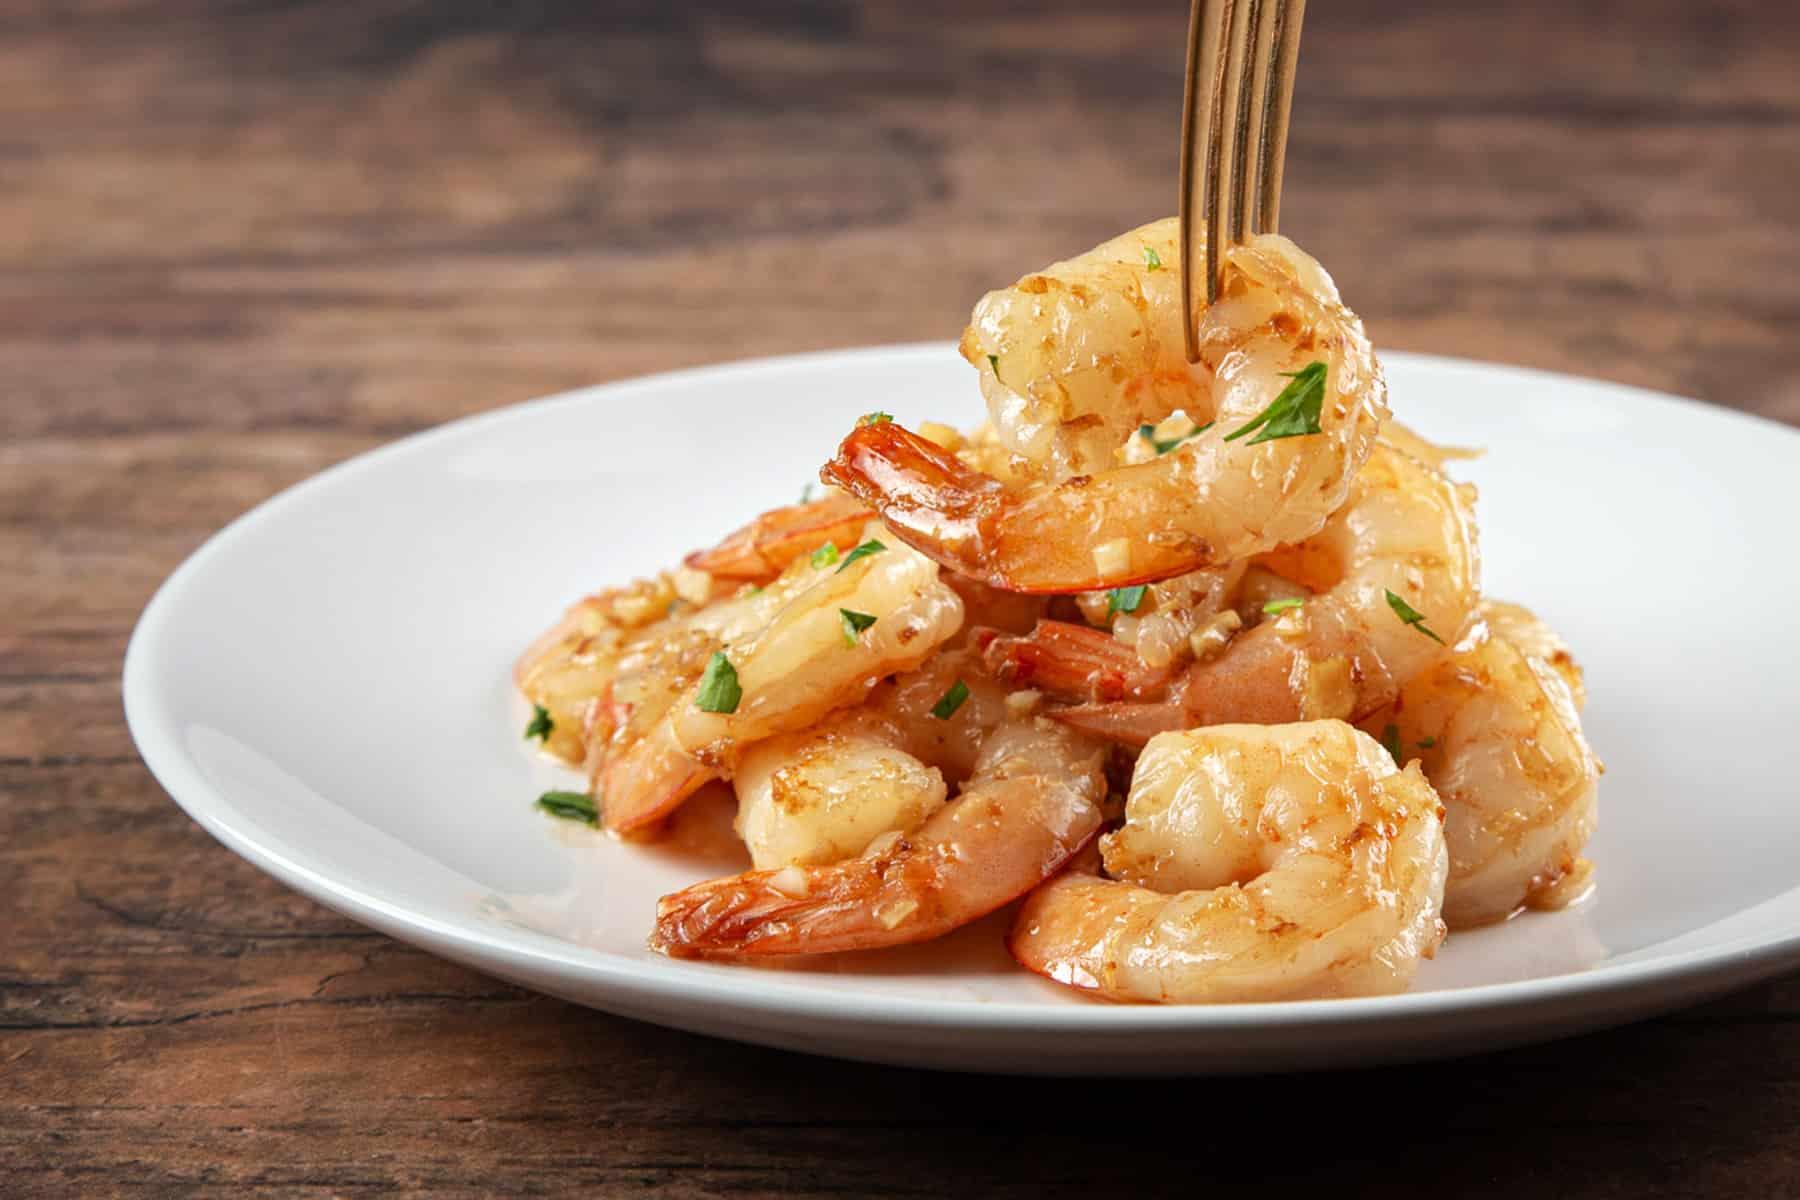 instant pot shrimp | shrimp recipes | frozen shrimp instant pot | shrimp in instant pot | garlic butter shrimp